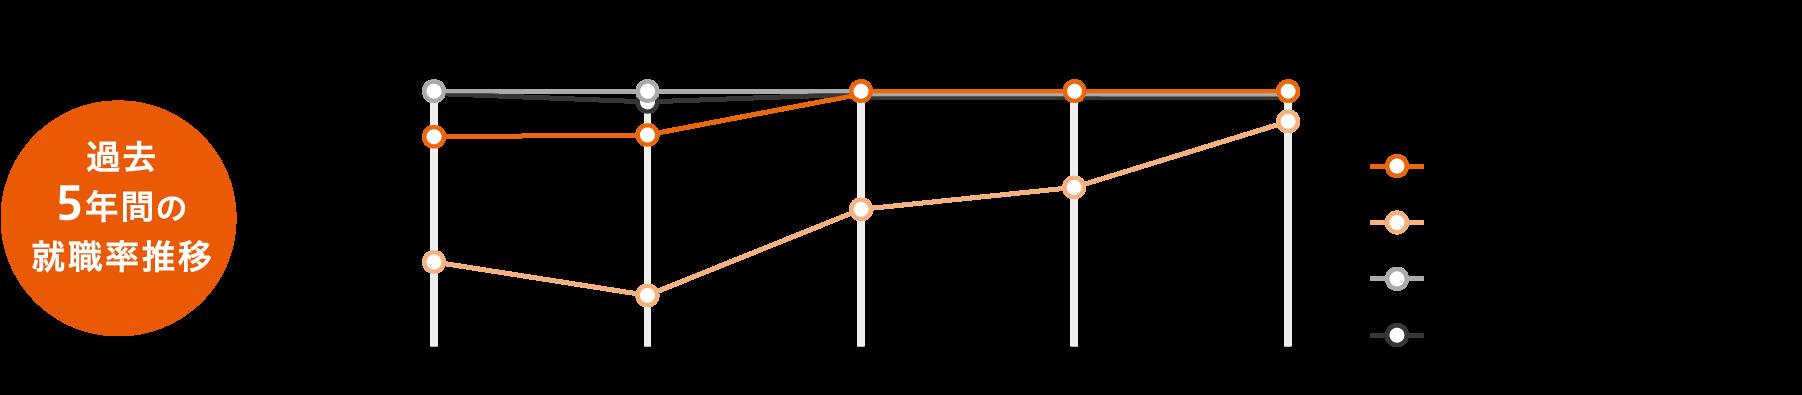 就職実績グラフ